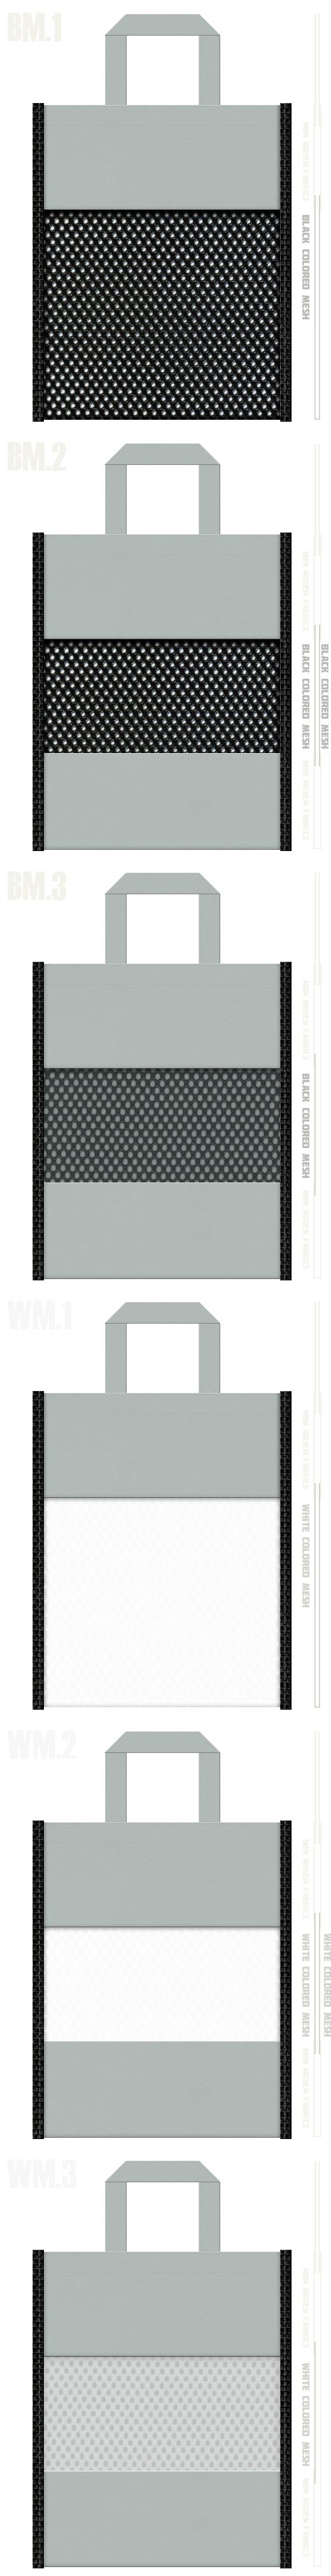 フラットタイプのメッシュバッグのカラーシミュレーション:黒色・白色メッシュとグレー色不織布の組み合わせ